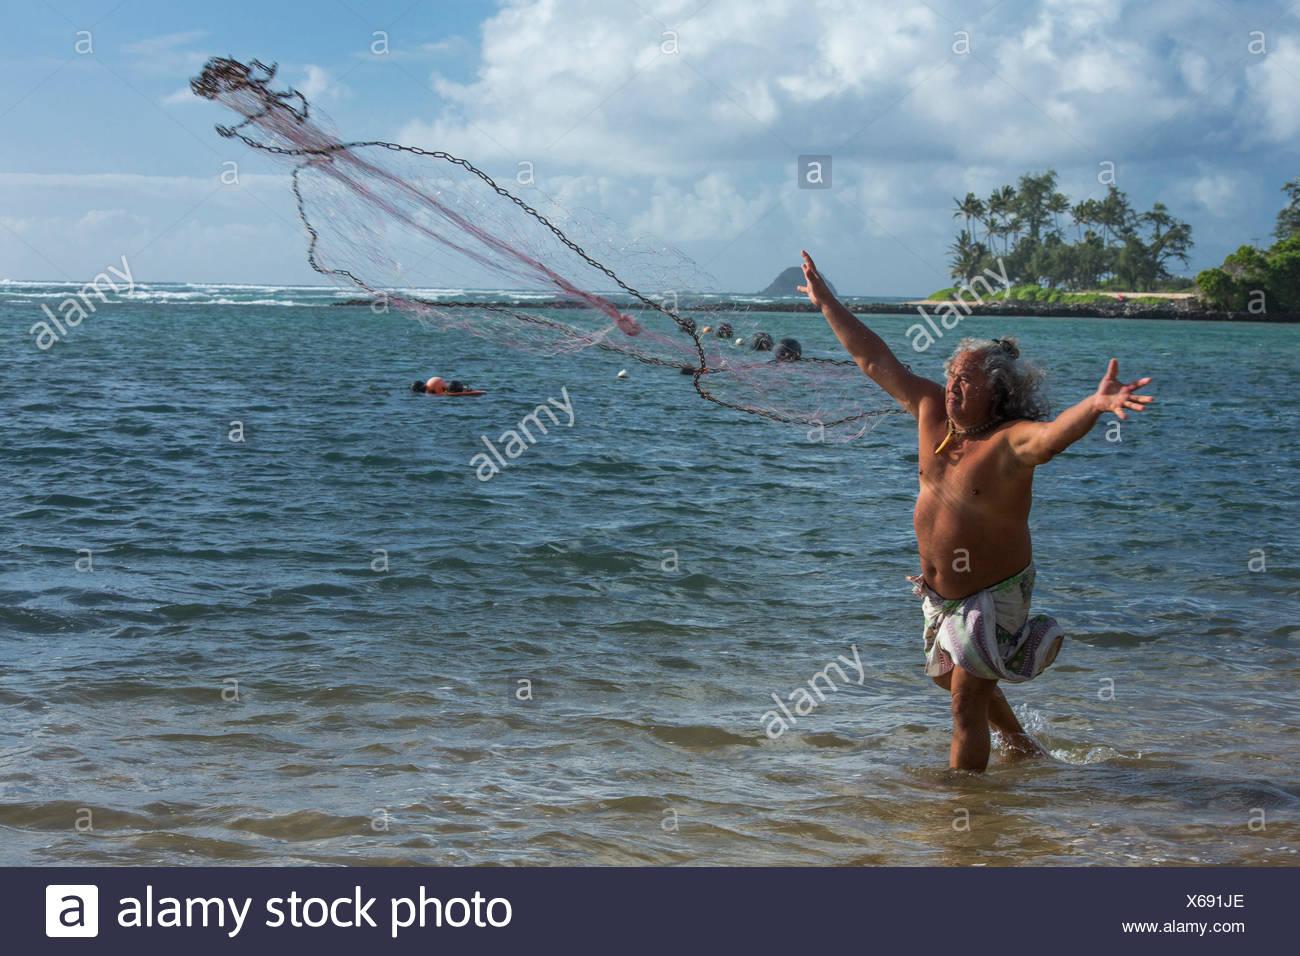 Molokai,local,Polinesios,ningún modelo de liberación,hombre,pesca,ESTADOS UNIDOS,Hawaii,Latina,pescador Imagen De Stock